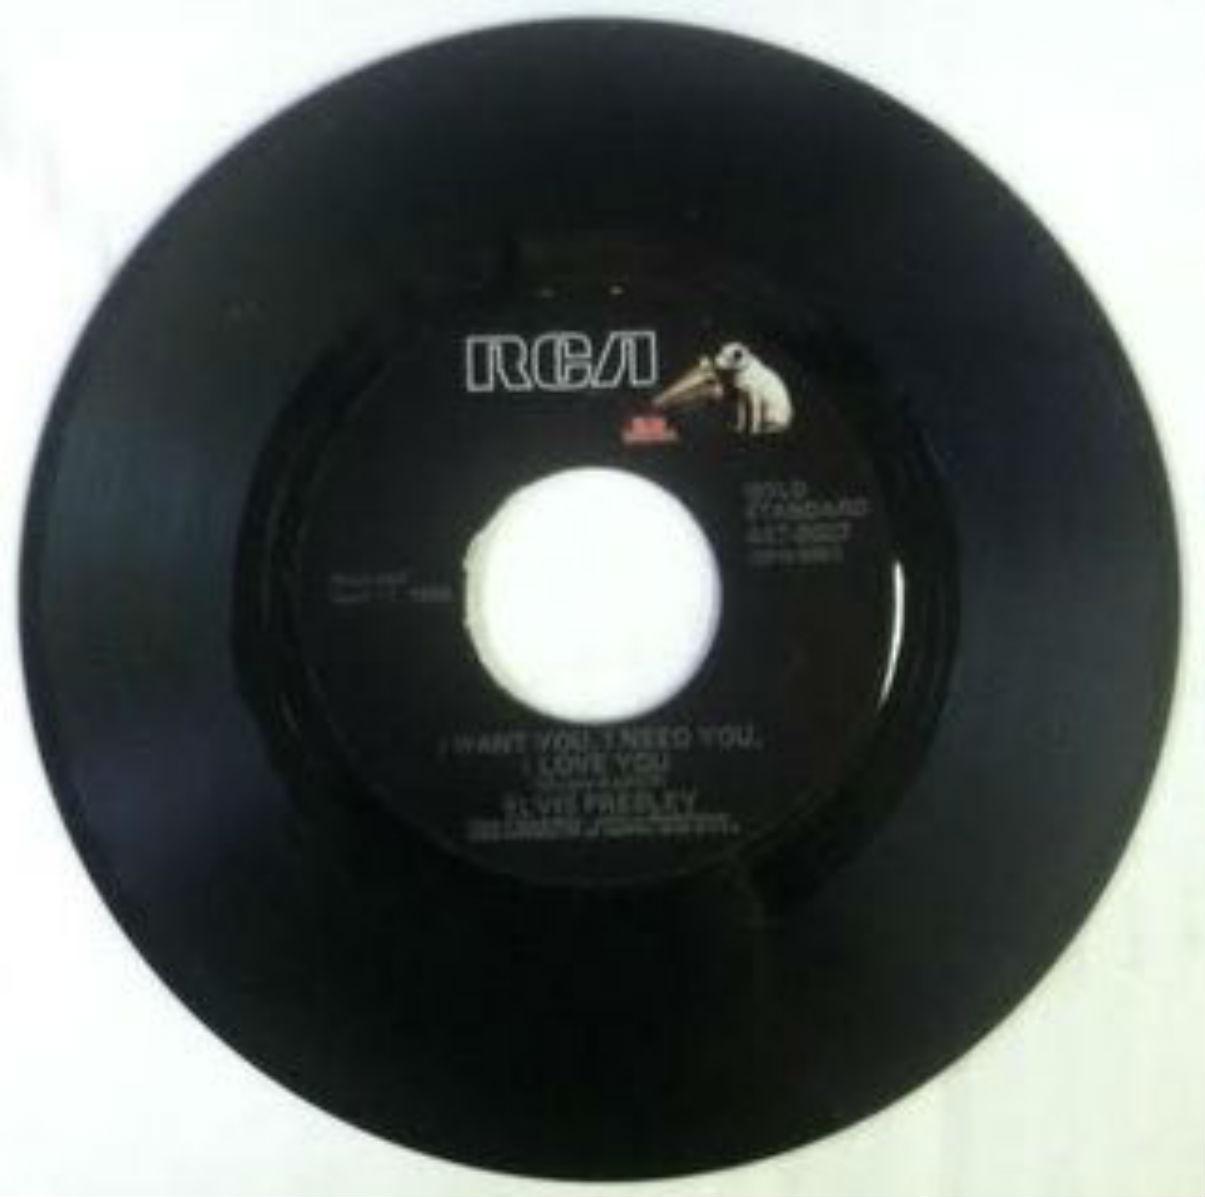 Elvis Presley / I Want You, I Need You, I Love You